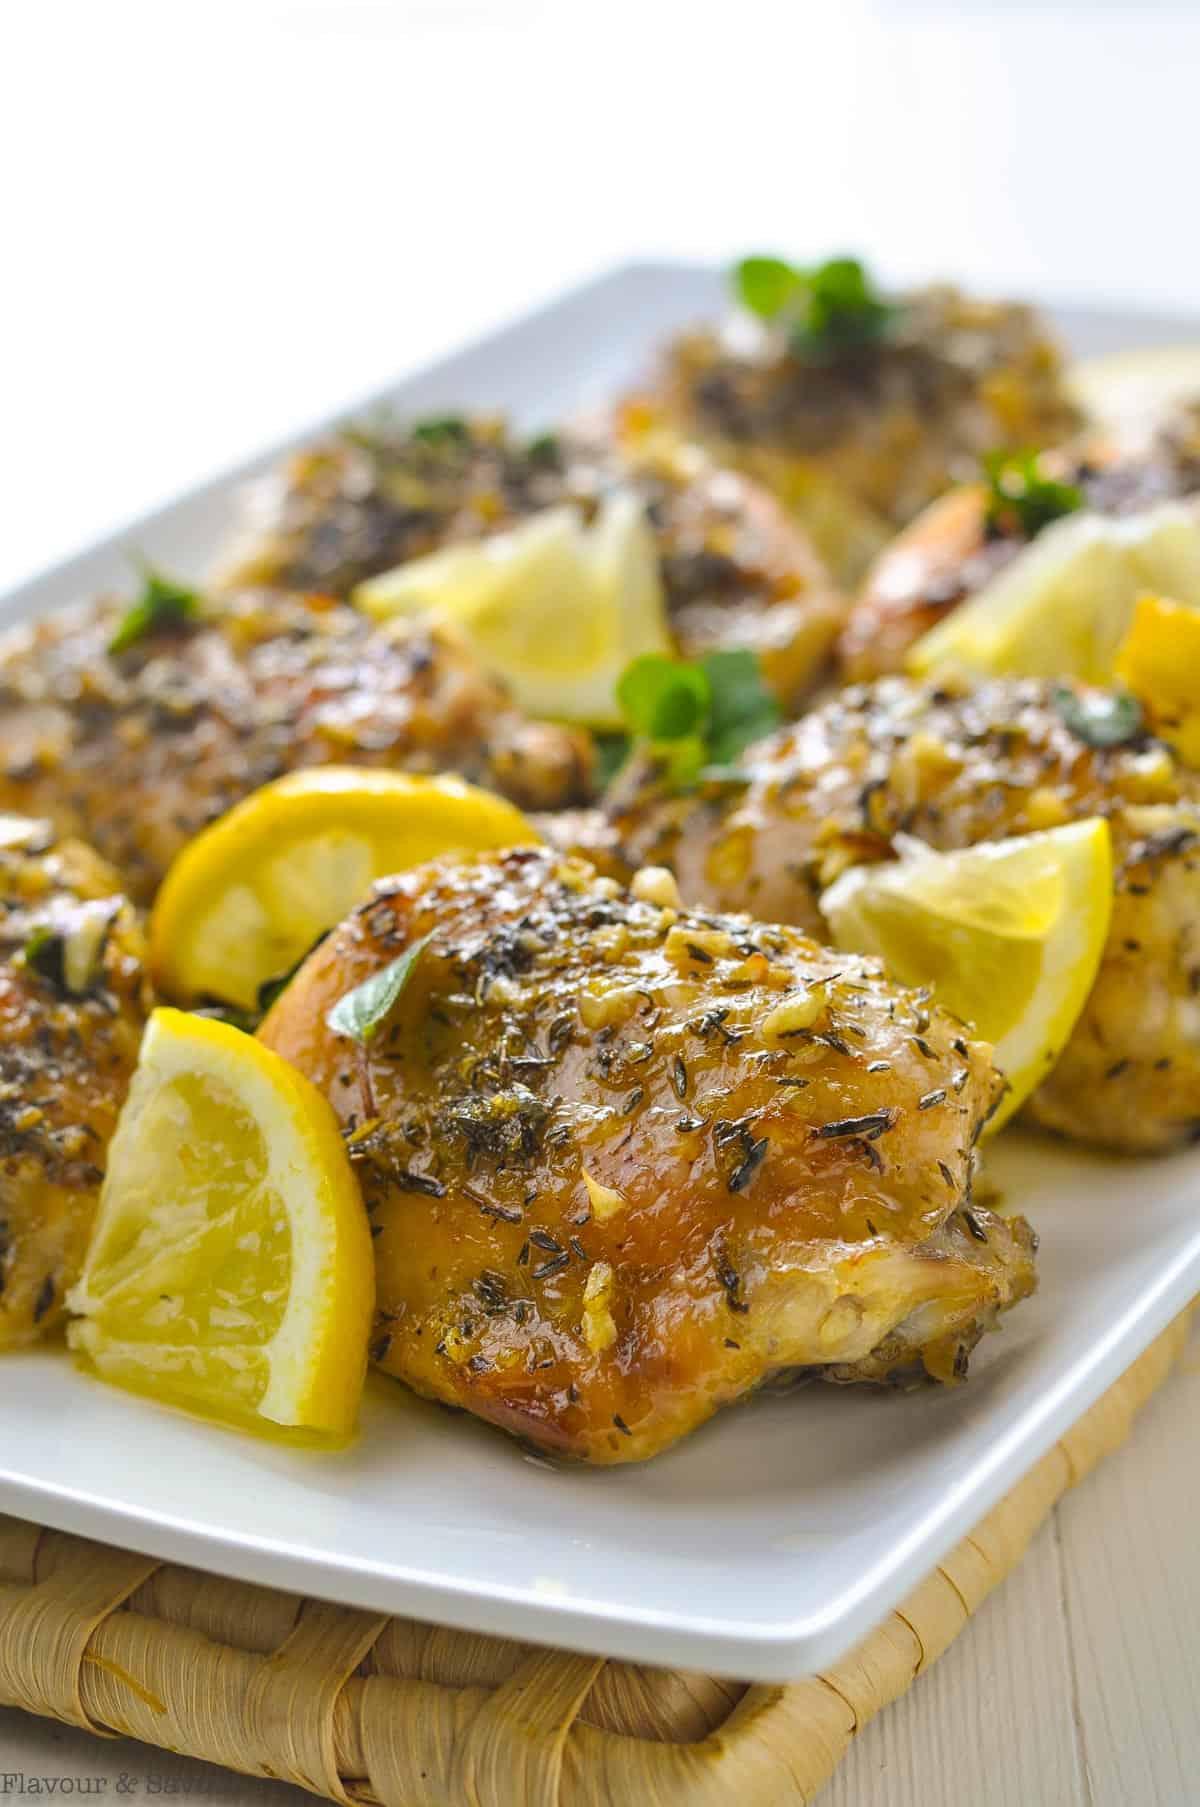 Easy Baked Lemon chicken on a serving platter with lemon slices